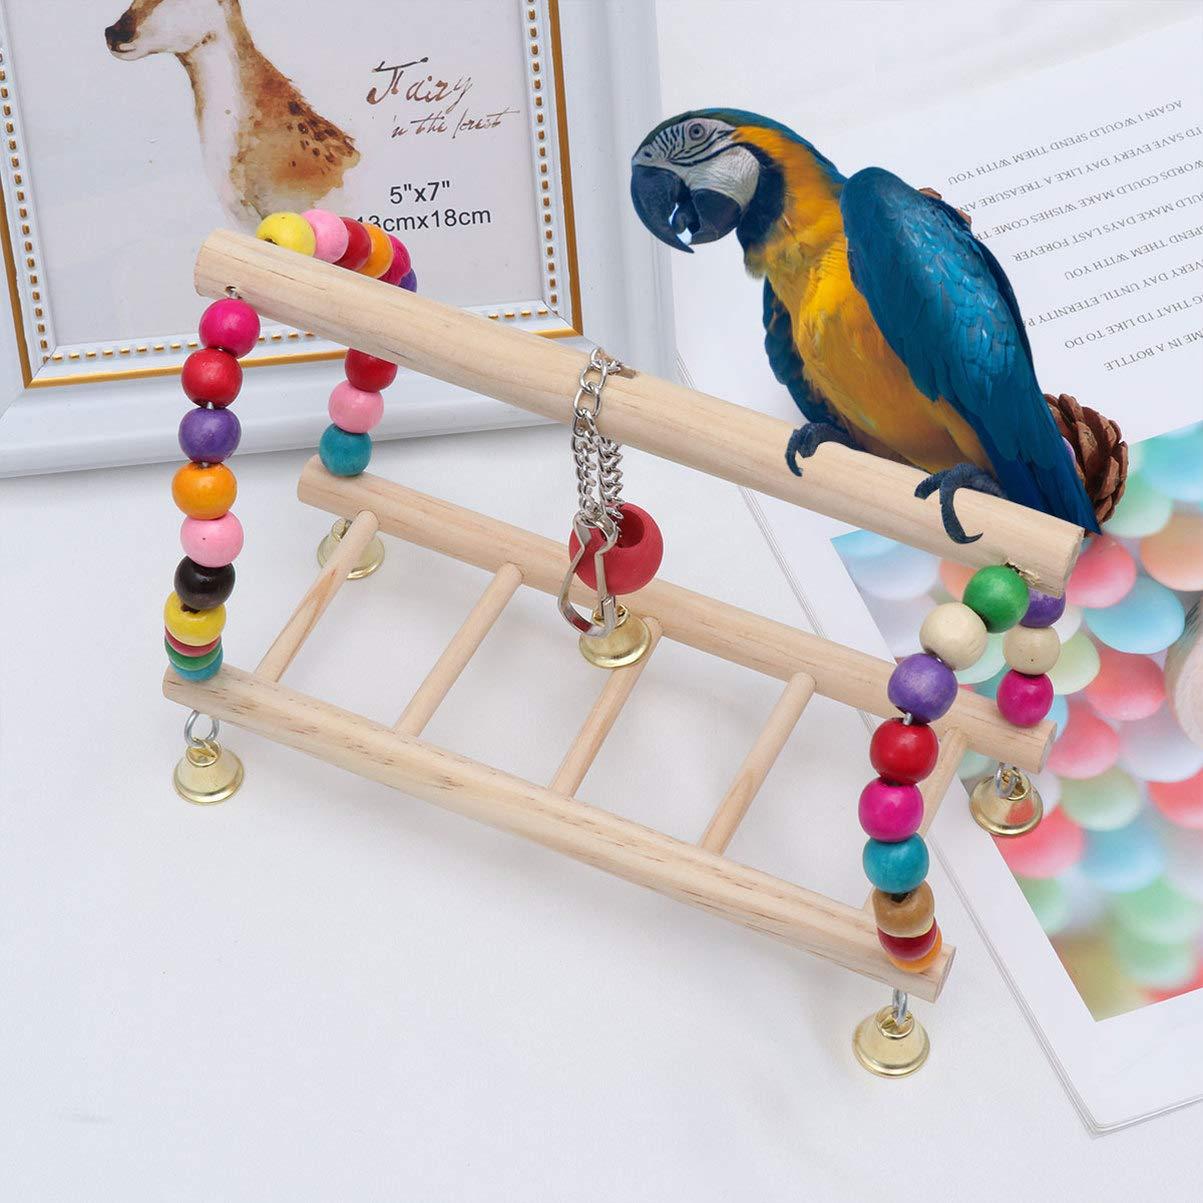 POPETPOP Juguete Loro pájaro - Columpio Columpio pájaro - Escalera Loro Jaula para pájaros Juego de Juguete masticable - Escalera Colgante de Madera Juguete para pájaros cacatúa cacatúa agapornis: Amazon.es: Productos para mascotas